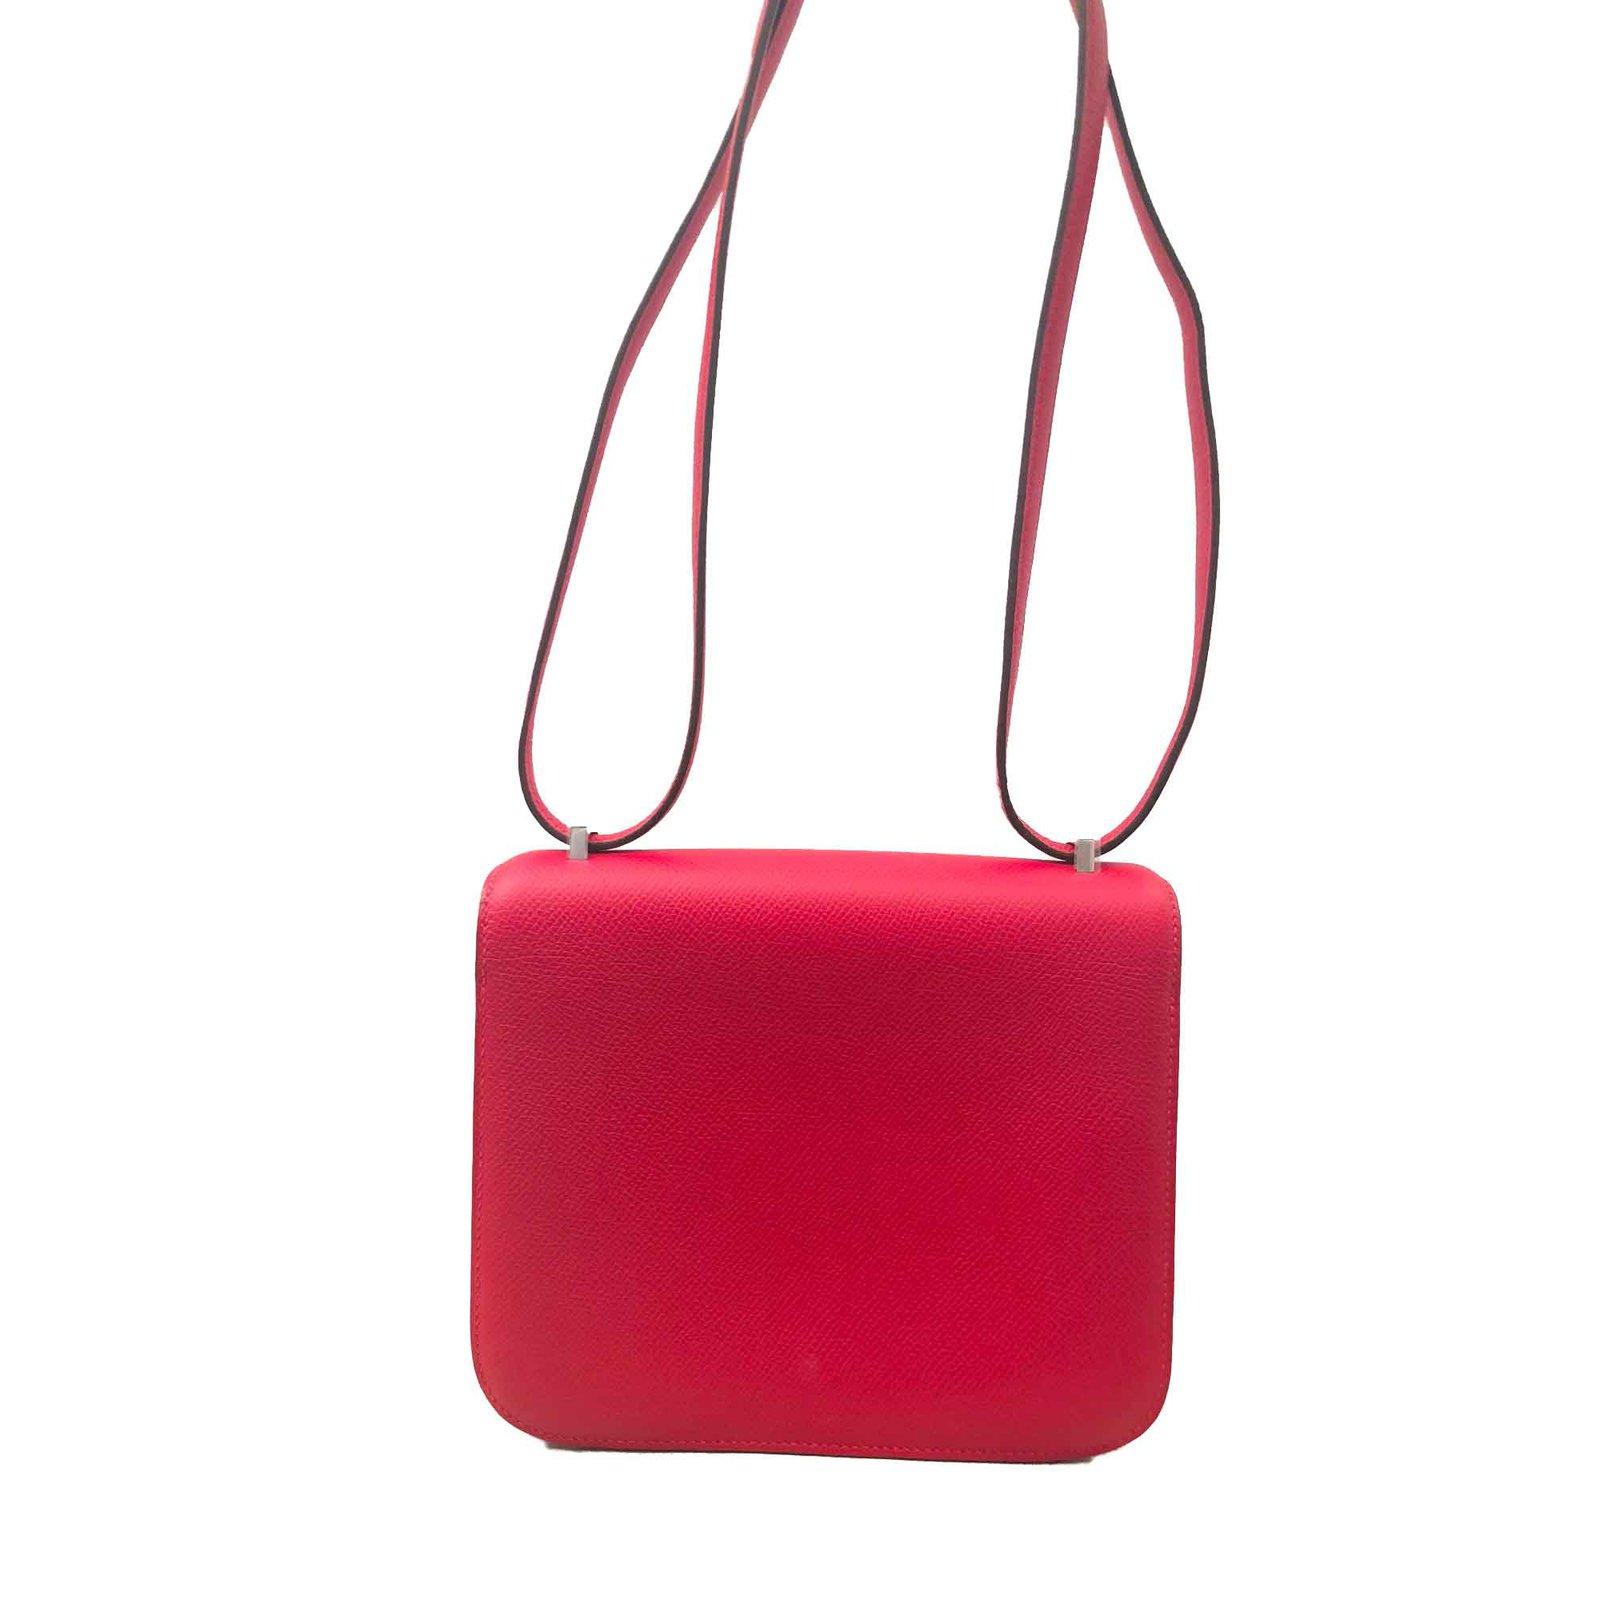 295b0f8f78be Hermès Sac 18 Main Sacs Constance Rouge Cuir Ref Hermes À npwtqYxAE